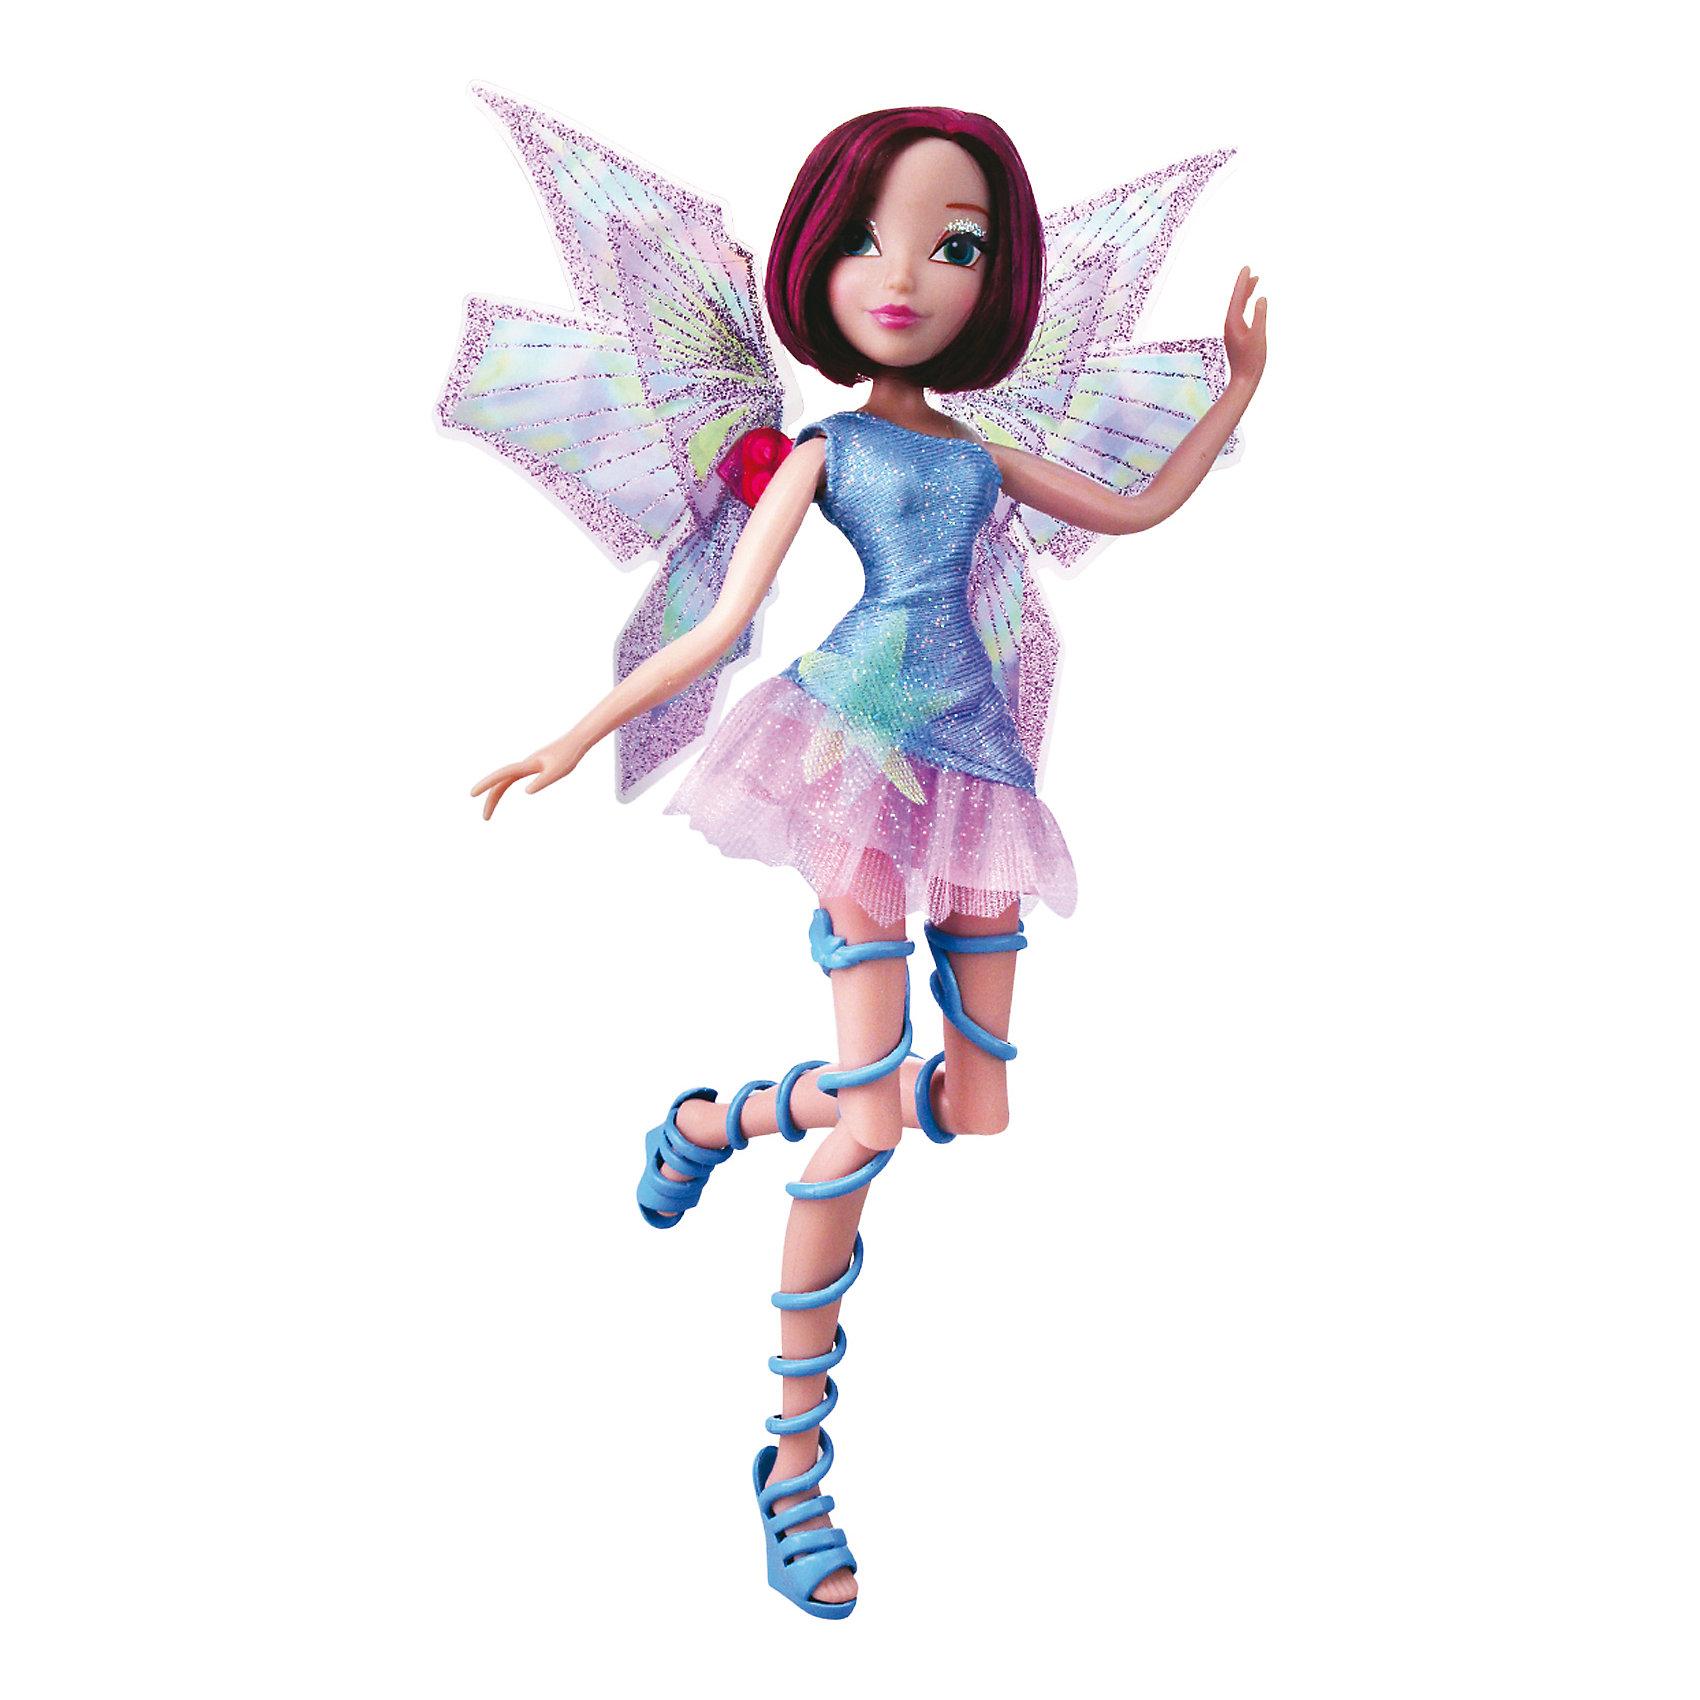 Кукла Winx Club Мификс ТехнаWinx Club<br>Очаровательные куколки выглядят в точности так же, как и героини мультсериала «Winx Club» (Винкс Клуб). Красавица -Техна одета в блестящее платье с приталенным лифом и пышной юбкой, на ногах куколки - оригинальные босоножки, в руках- волшебный скипетр. Мягкие волосы очень приятно расчесывать. Позвольте вашей девочке почувствовать себя настоящей феей вместе с любимыми героинями. Собери все куколок, проигрывай запомнившиеся моменты из мультсериала или придумывай свои новые истории! <br><br>Дополнительная информация:<br><br>- Комплектация: кукла, скипетр, съемные крылья, одежда, обувь.<br>- Материал:  пластик, текстиль. <br>- Высота куклы: 27 см.<br>- Голова, руки, ноги подвижные. <br><br>Куклу Winx Club Мификс, Техну, можно купить в нашем магазине.<br><br>Ширина мм: 290<br>Глубина мм: 60<br>Высота мм: 345<br>Вес г: 375<br>Возраст от месяцев: 36<br>Возраст до месяцев: 84<br>Пол: Женский<br>Возраст: Детский<br>SKU: 4345030